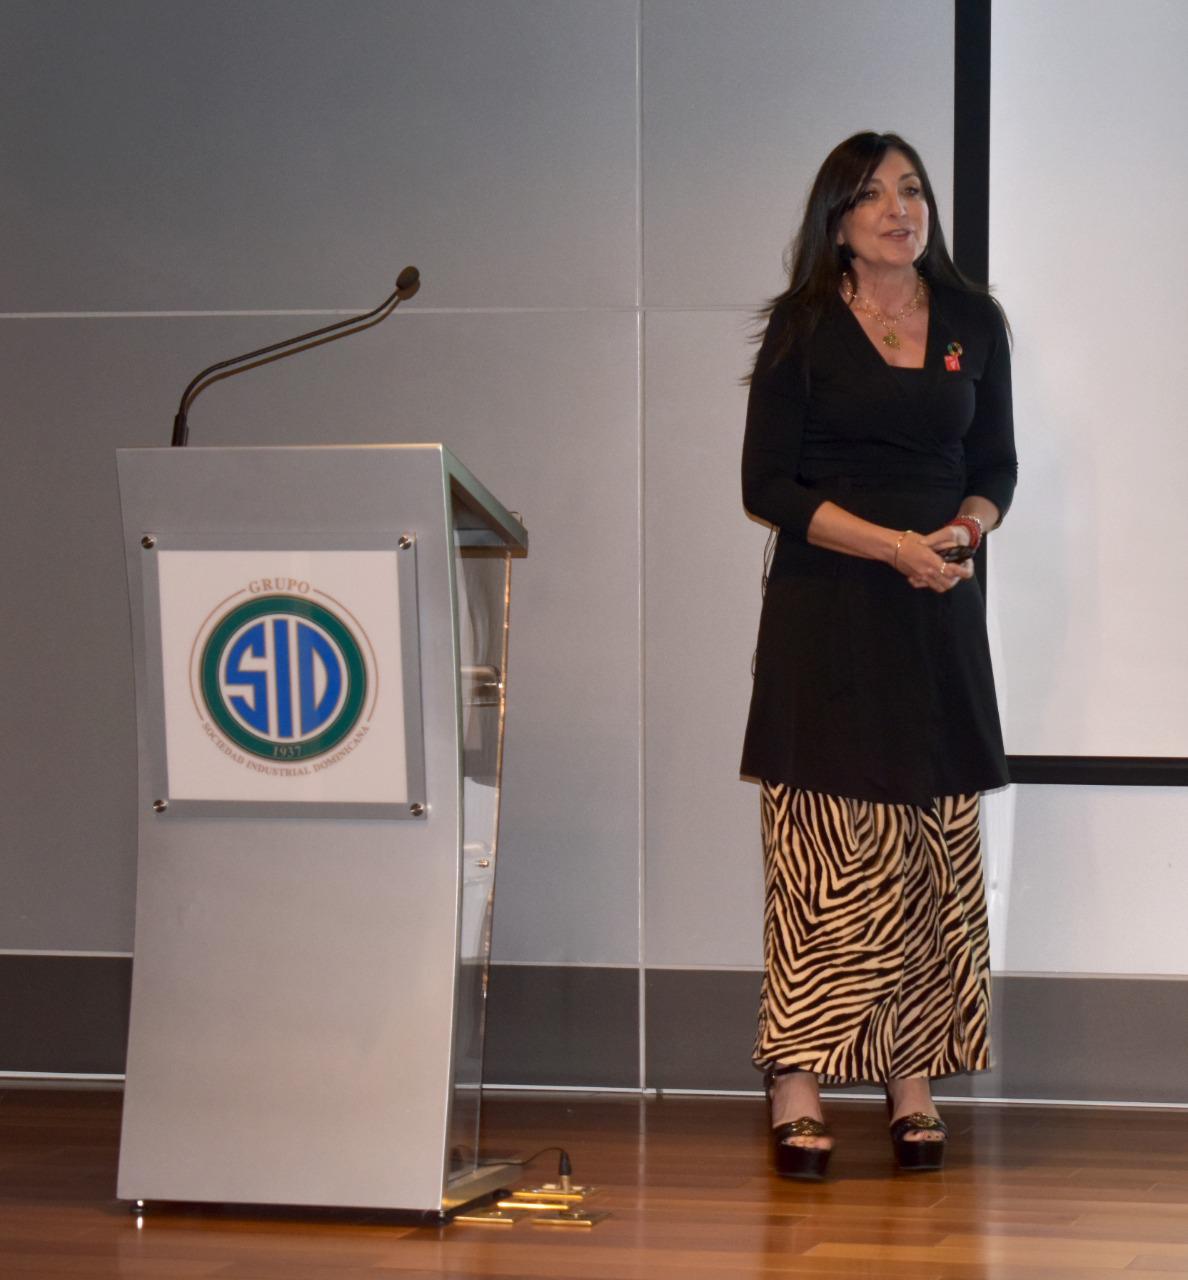 Charla en la Sociedad Industrial Dominicana comunicación inclusiva y diversidad1